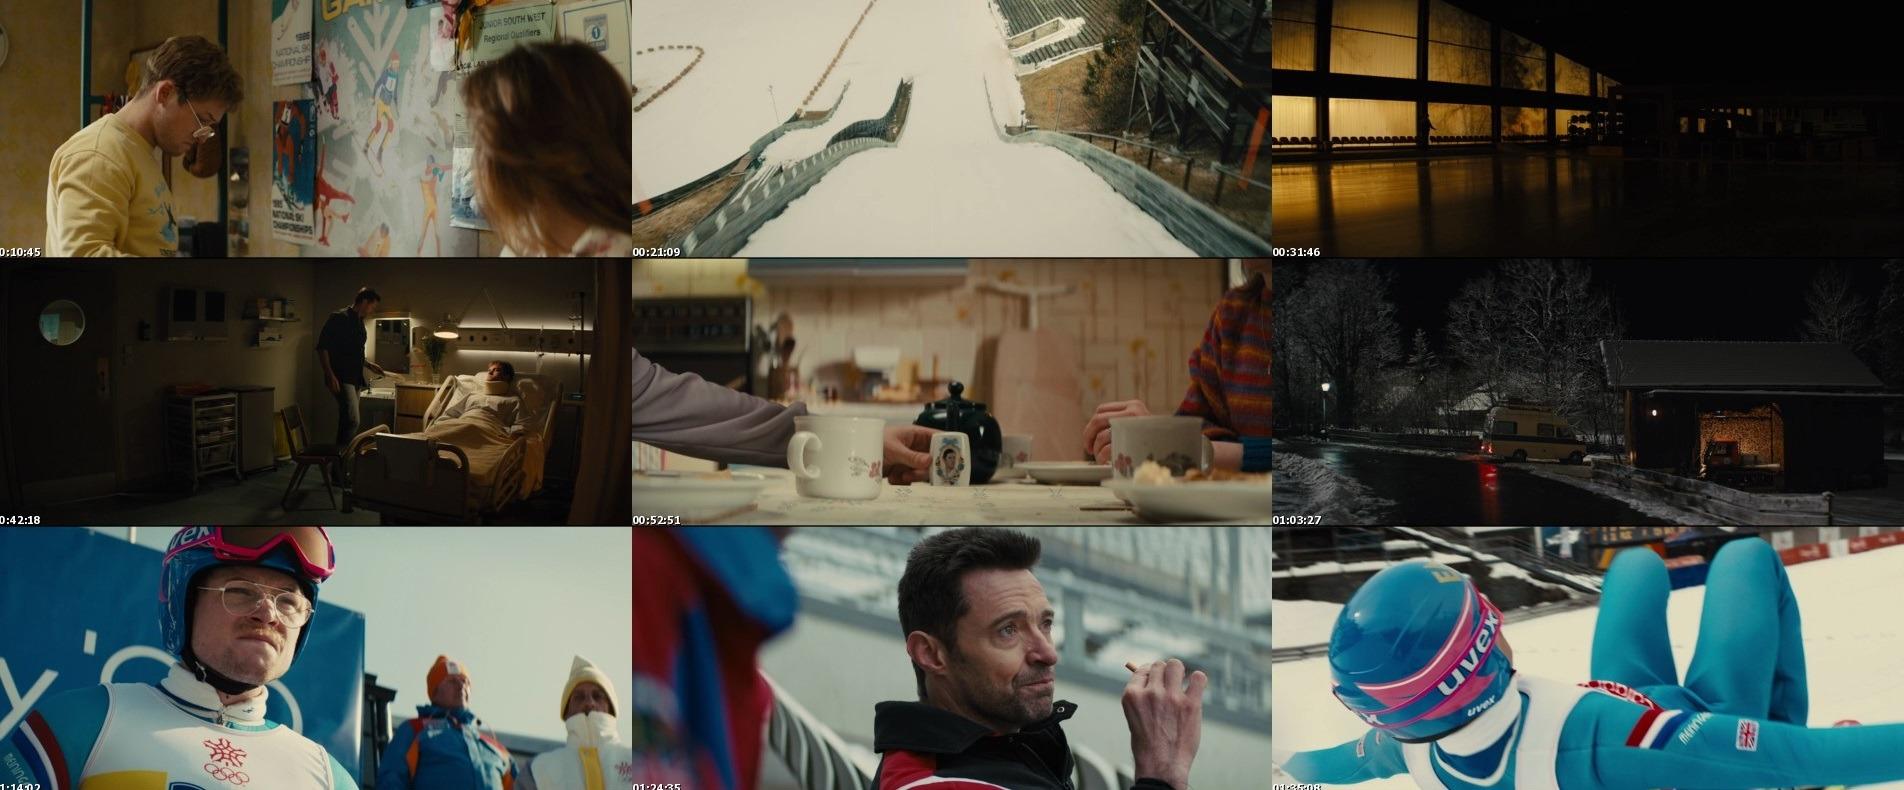 دانلود فیلم انگیزشی ادی عقاب Eddie the Eagle | دوبله فارسی با کیفیت عالی